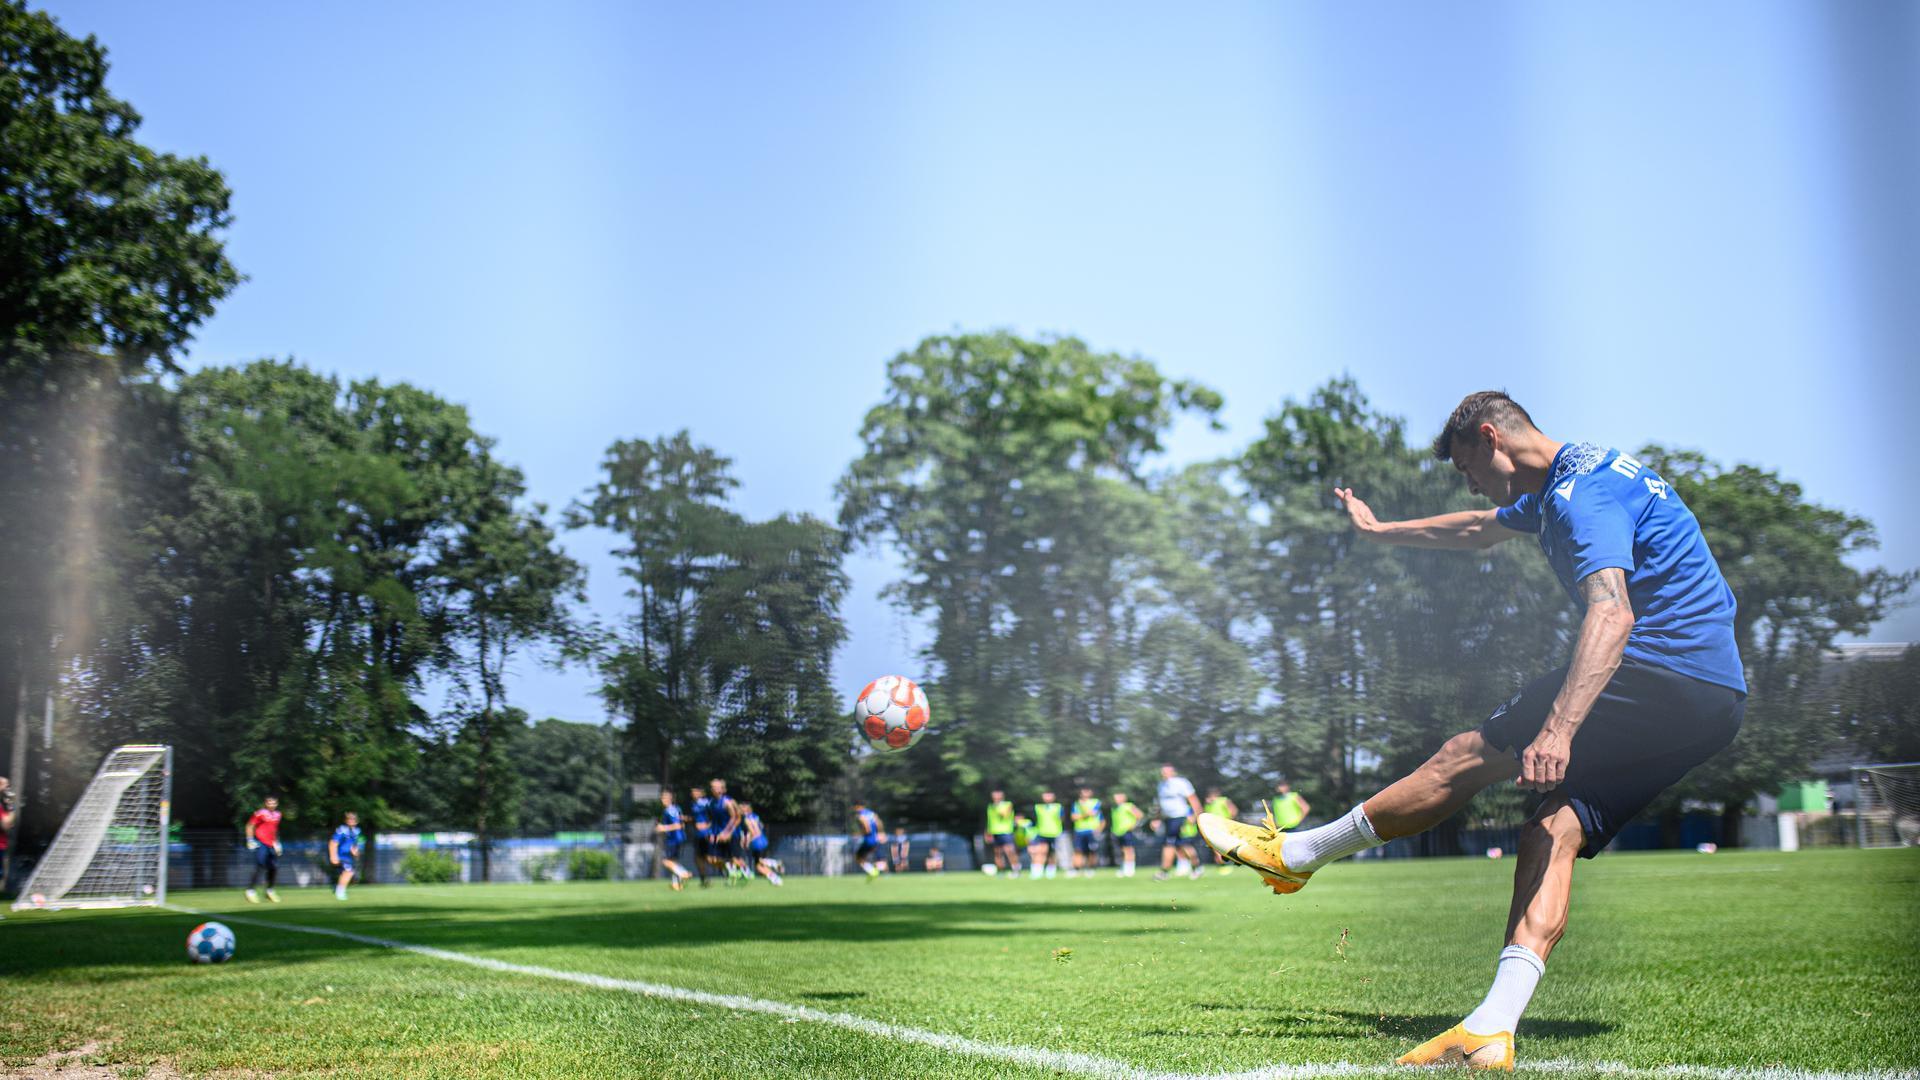 Philip Heise (KSC) beim Eckball.  GES/ Fussball/ 2. Bundesliga: Training Karlsruher SC, 22.07.2021  Football / Soccer: 2nd German Bundesliga: Practice; Training Karlsruher Sport-Club, Karlsruhe, July 22, 2021